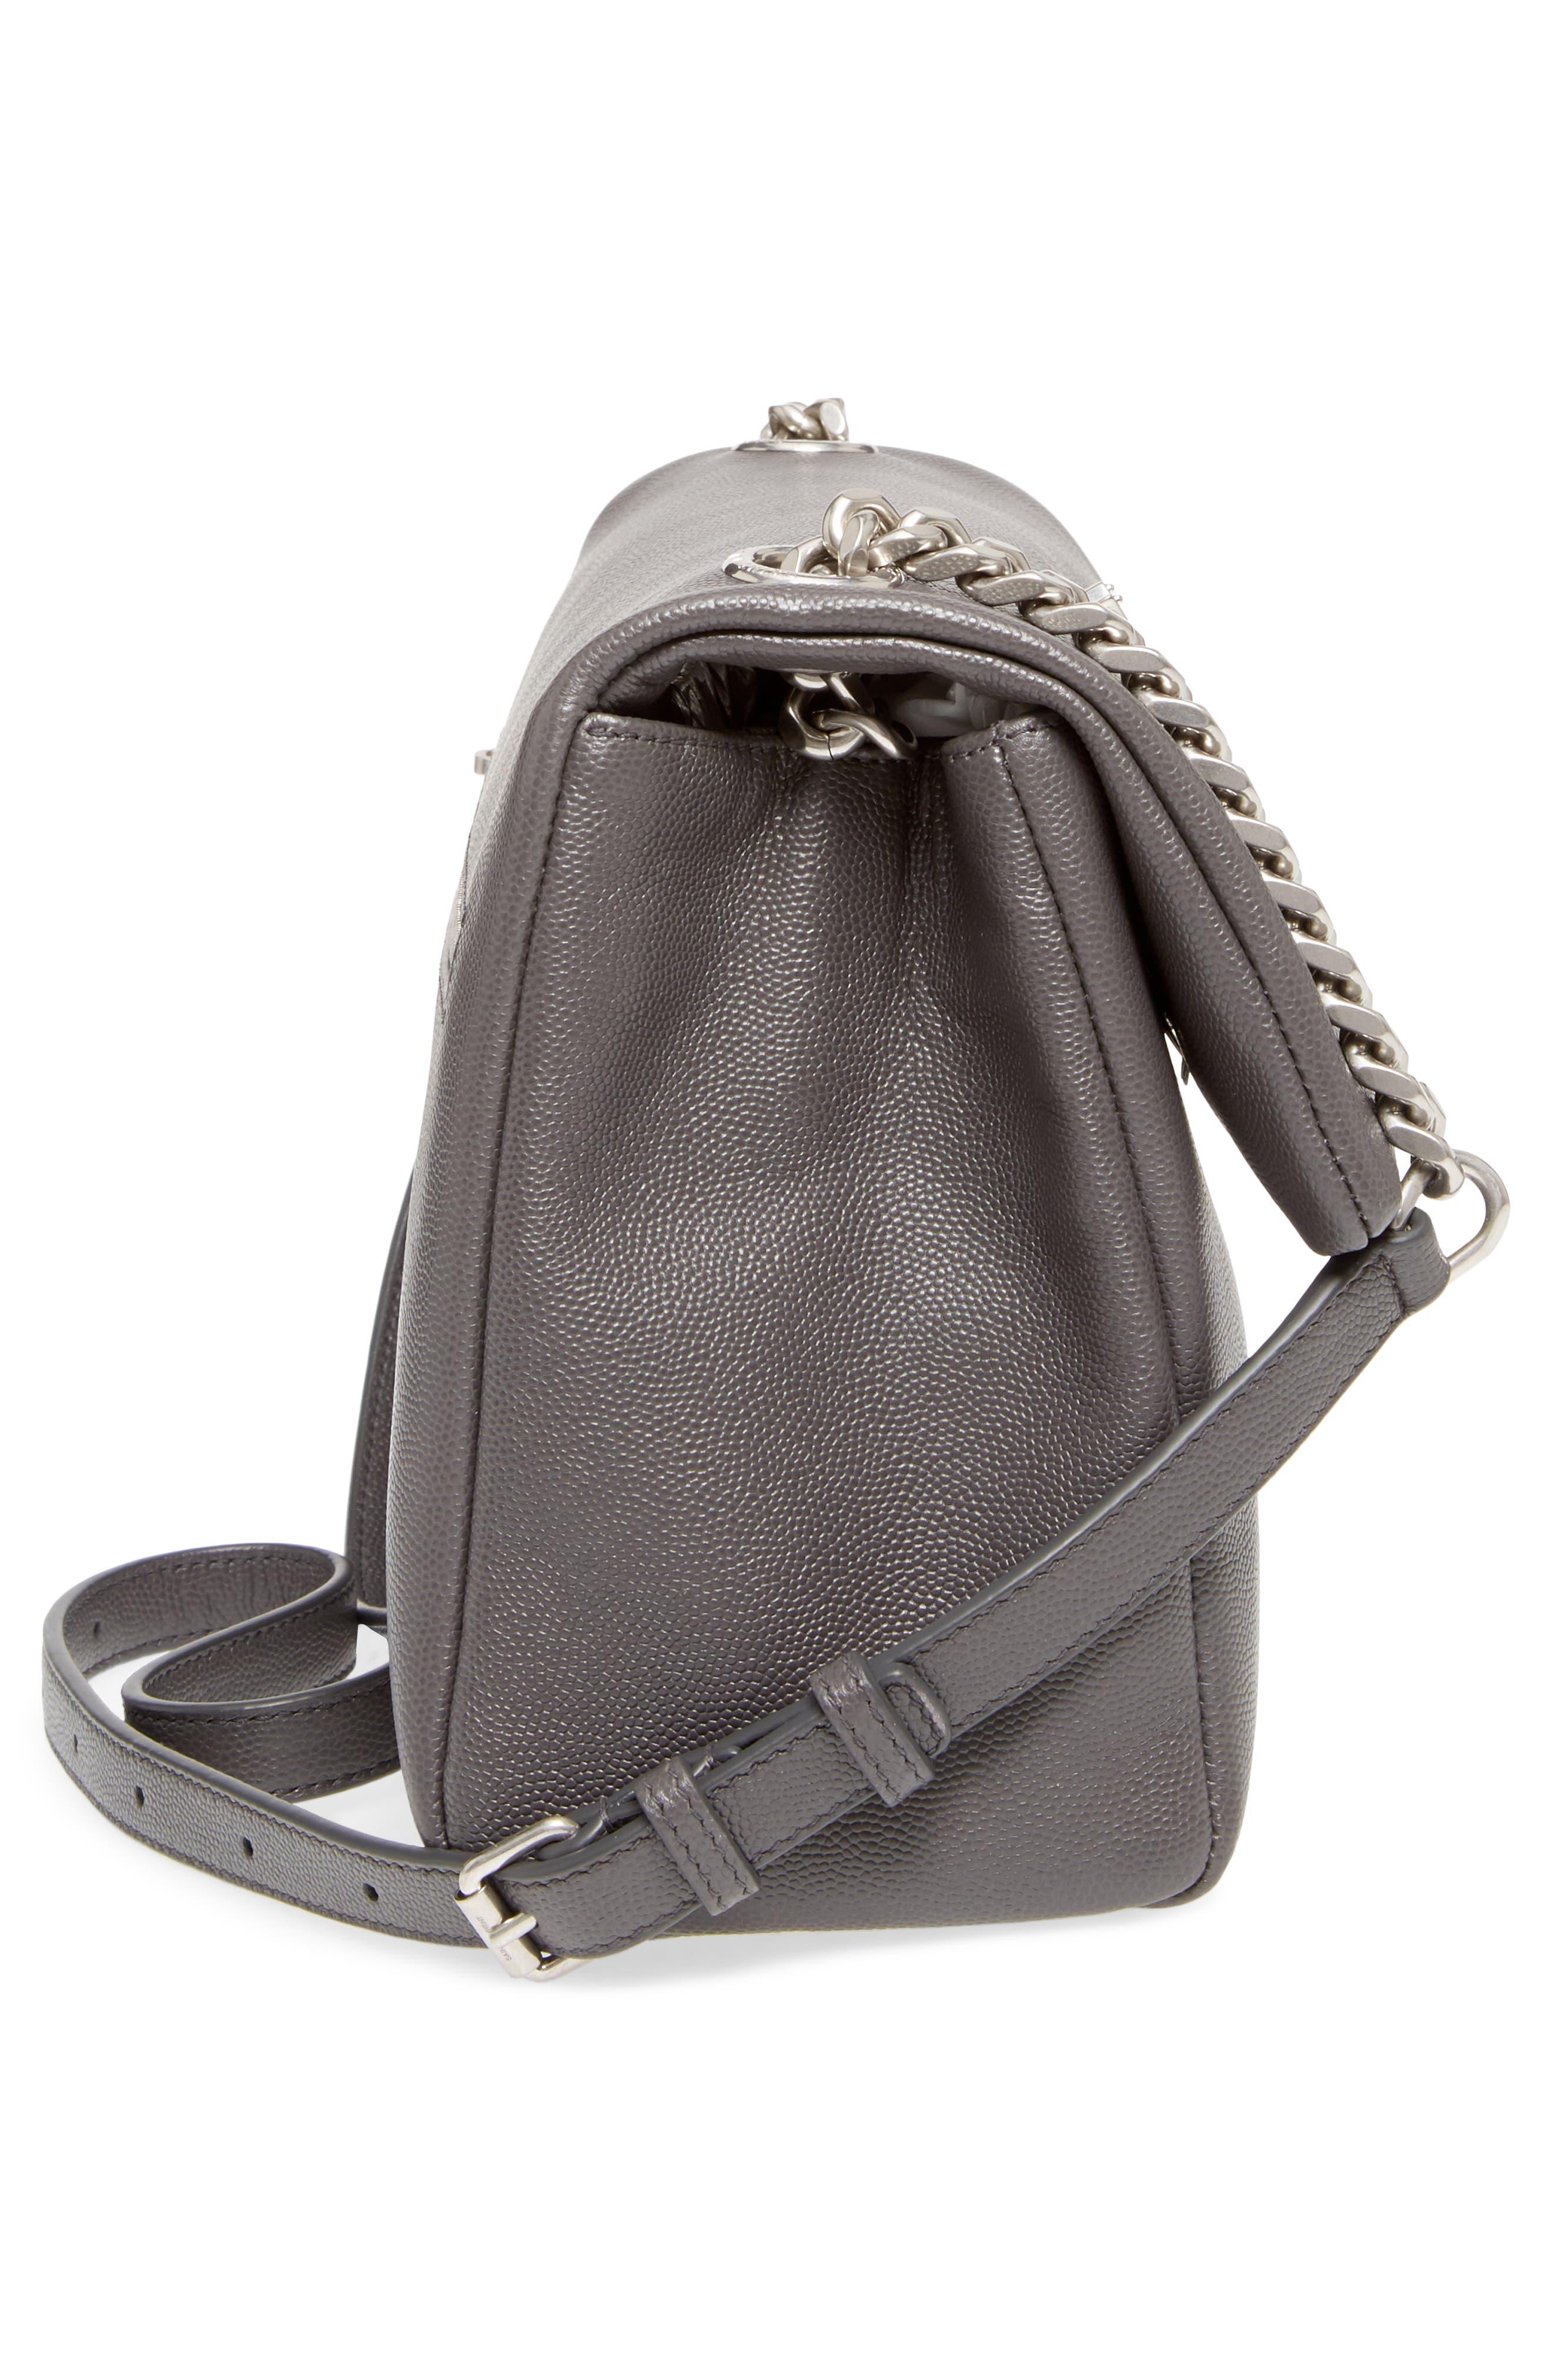 Medium West Hollywood Leather Shoulder Bag,                             Alternate thumbnail 5, color,                             064